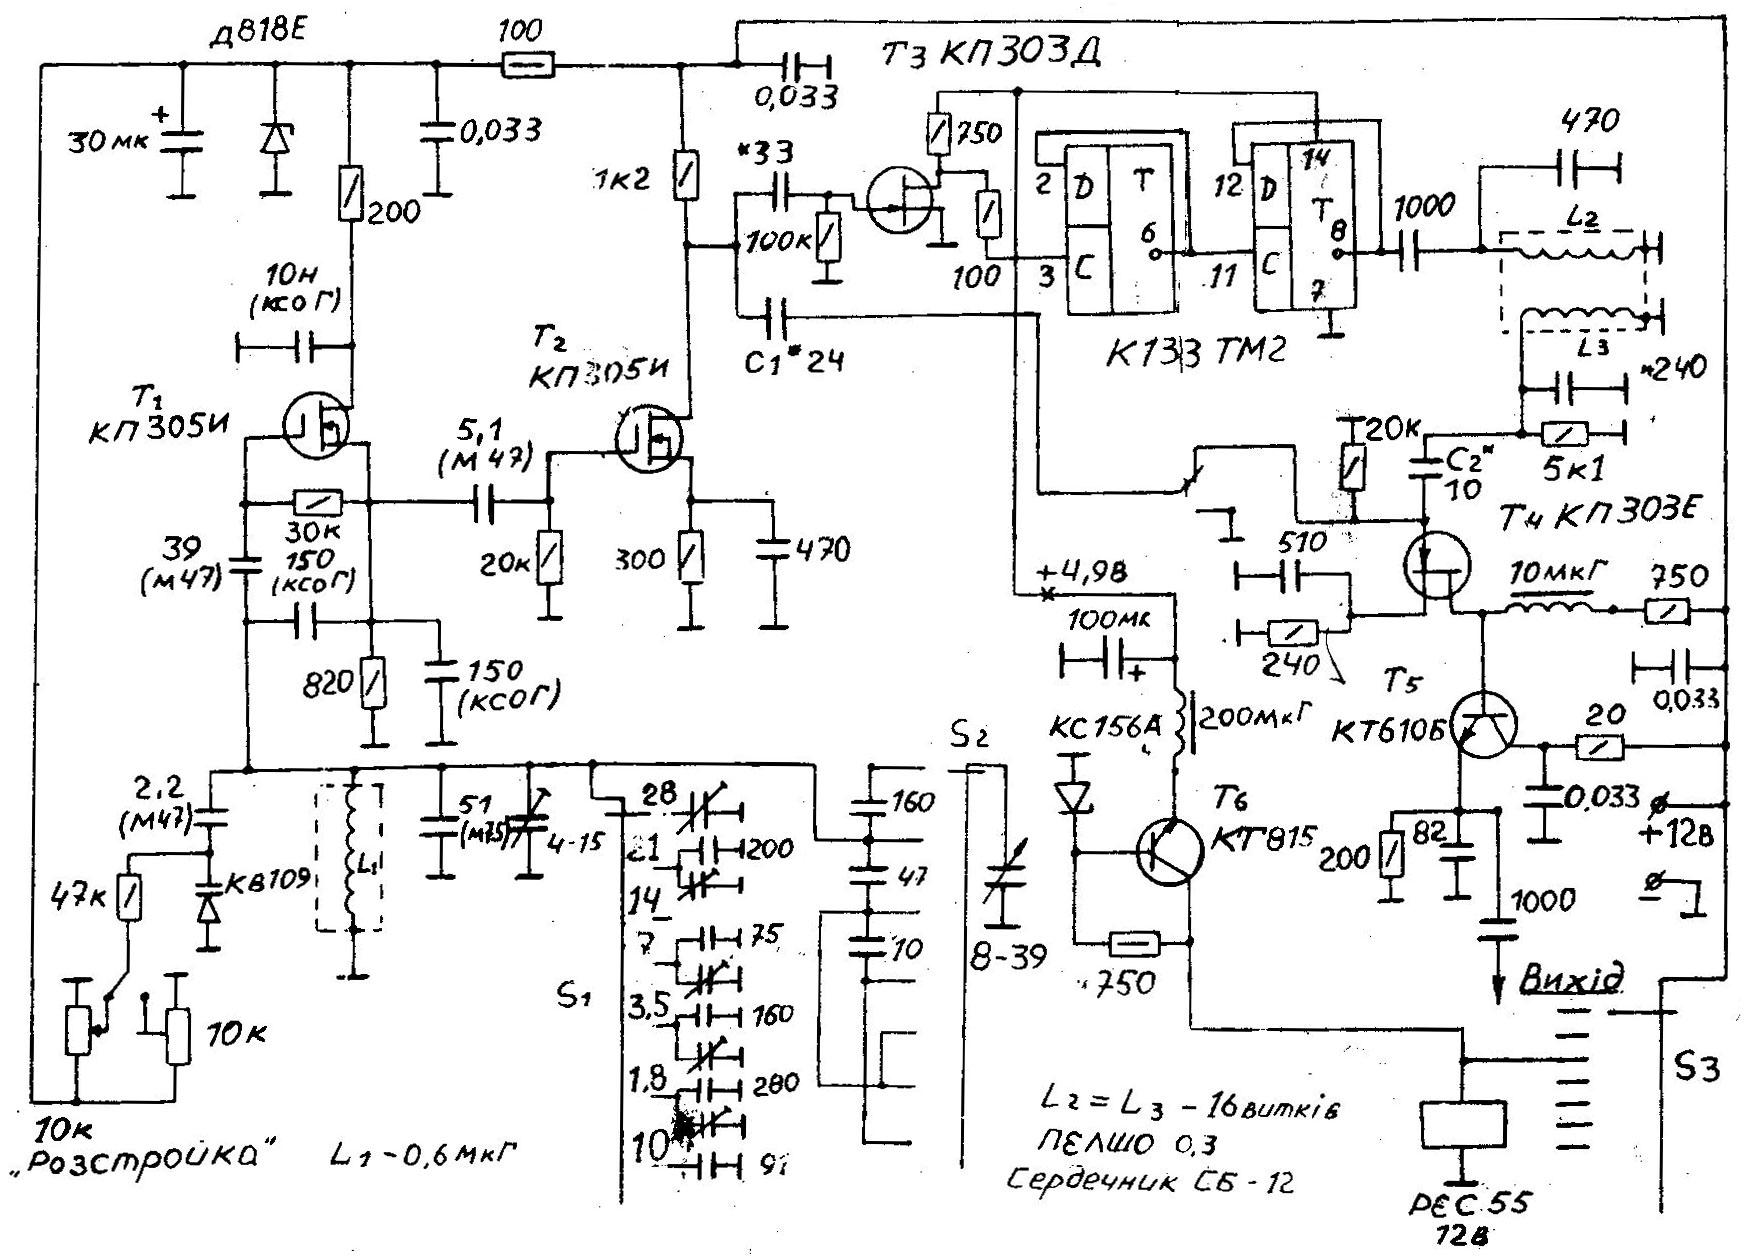 Схема электрооборудования ваз 2110 подробная информация.  Сборник схем на микросхемах tda.